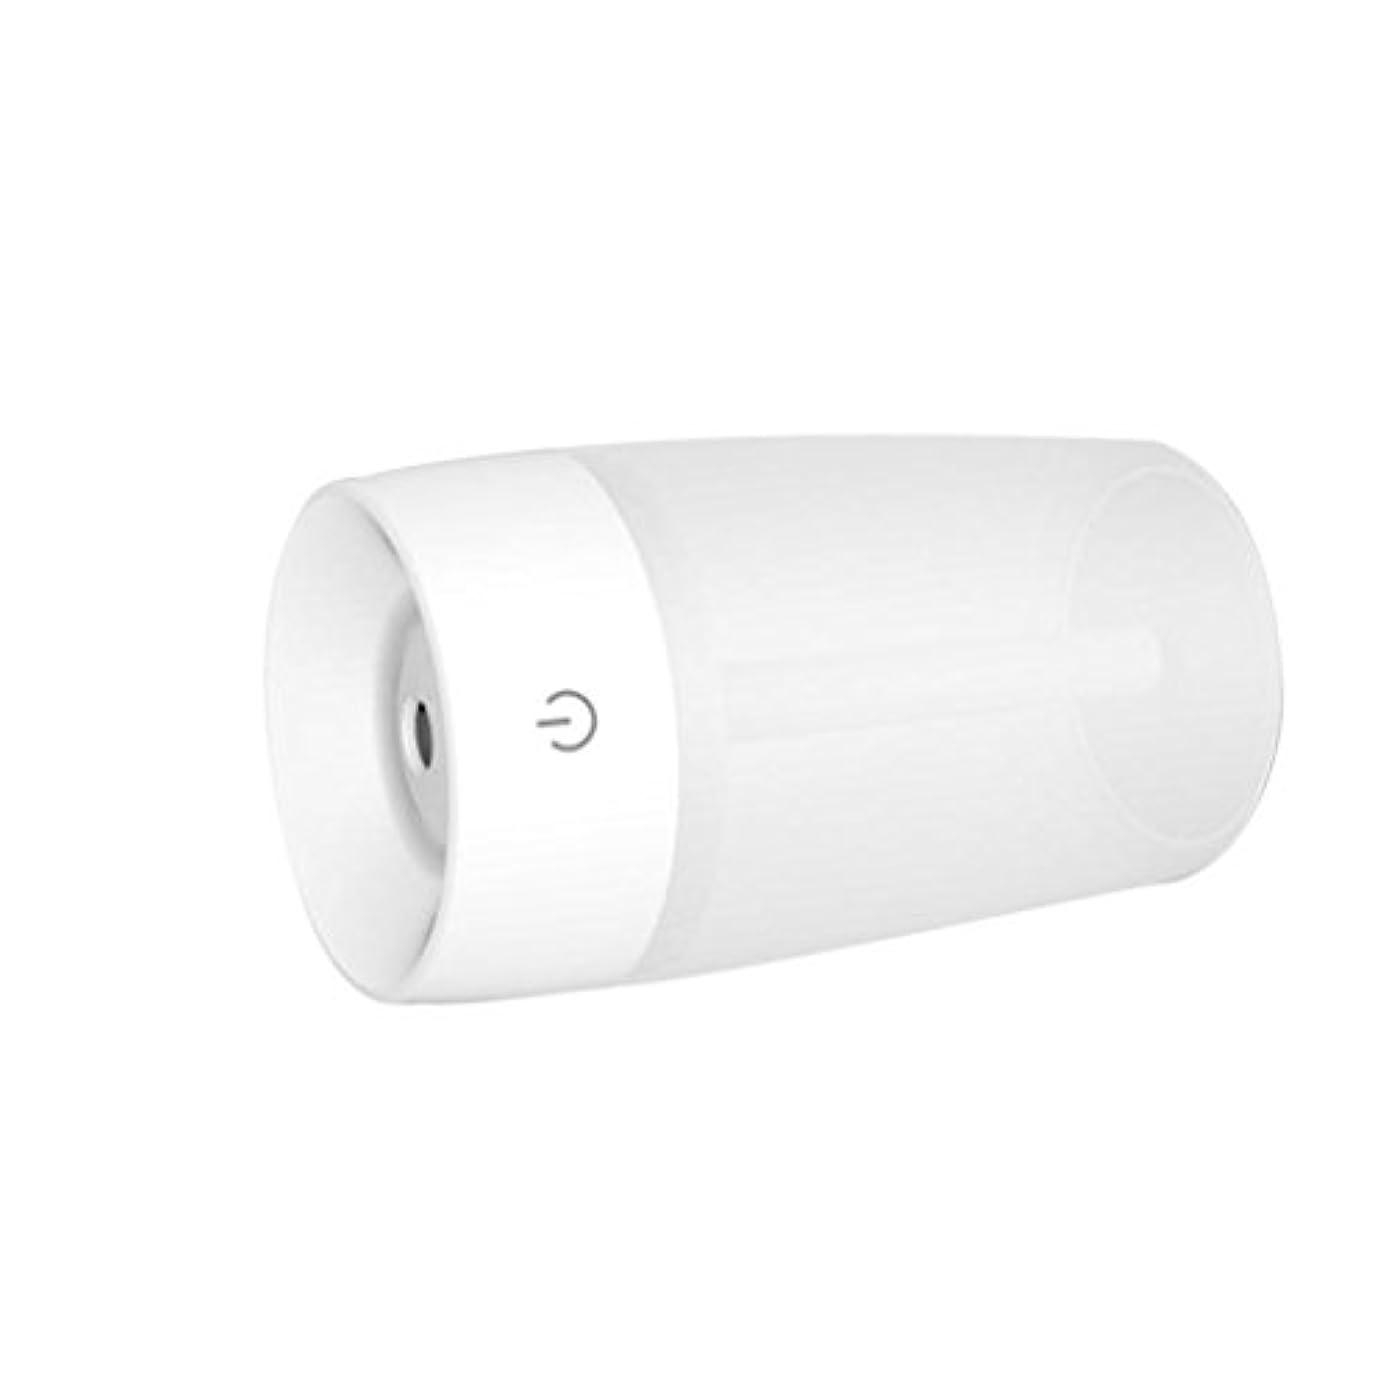 勤勉商人マインド加湿器 USB カップ形状 ポータブル アロマディフューザー 空気 アトマイザー 全3色 - 白い